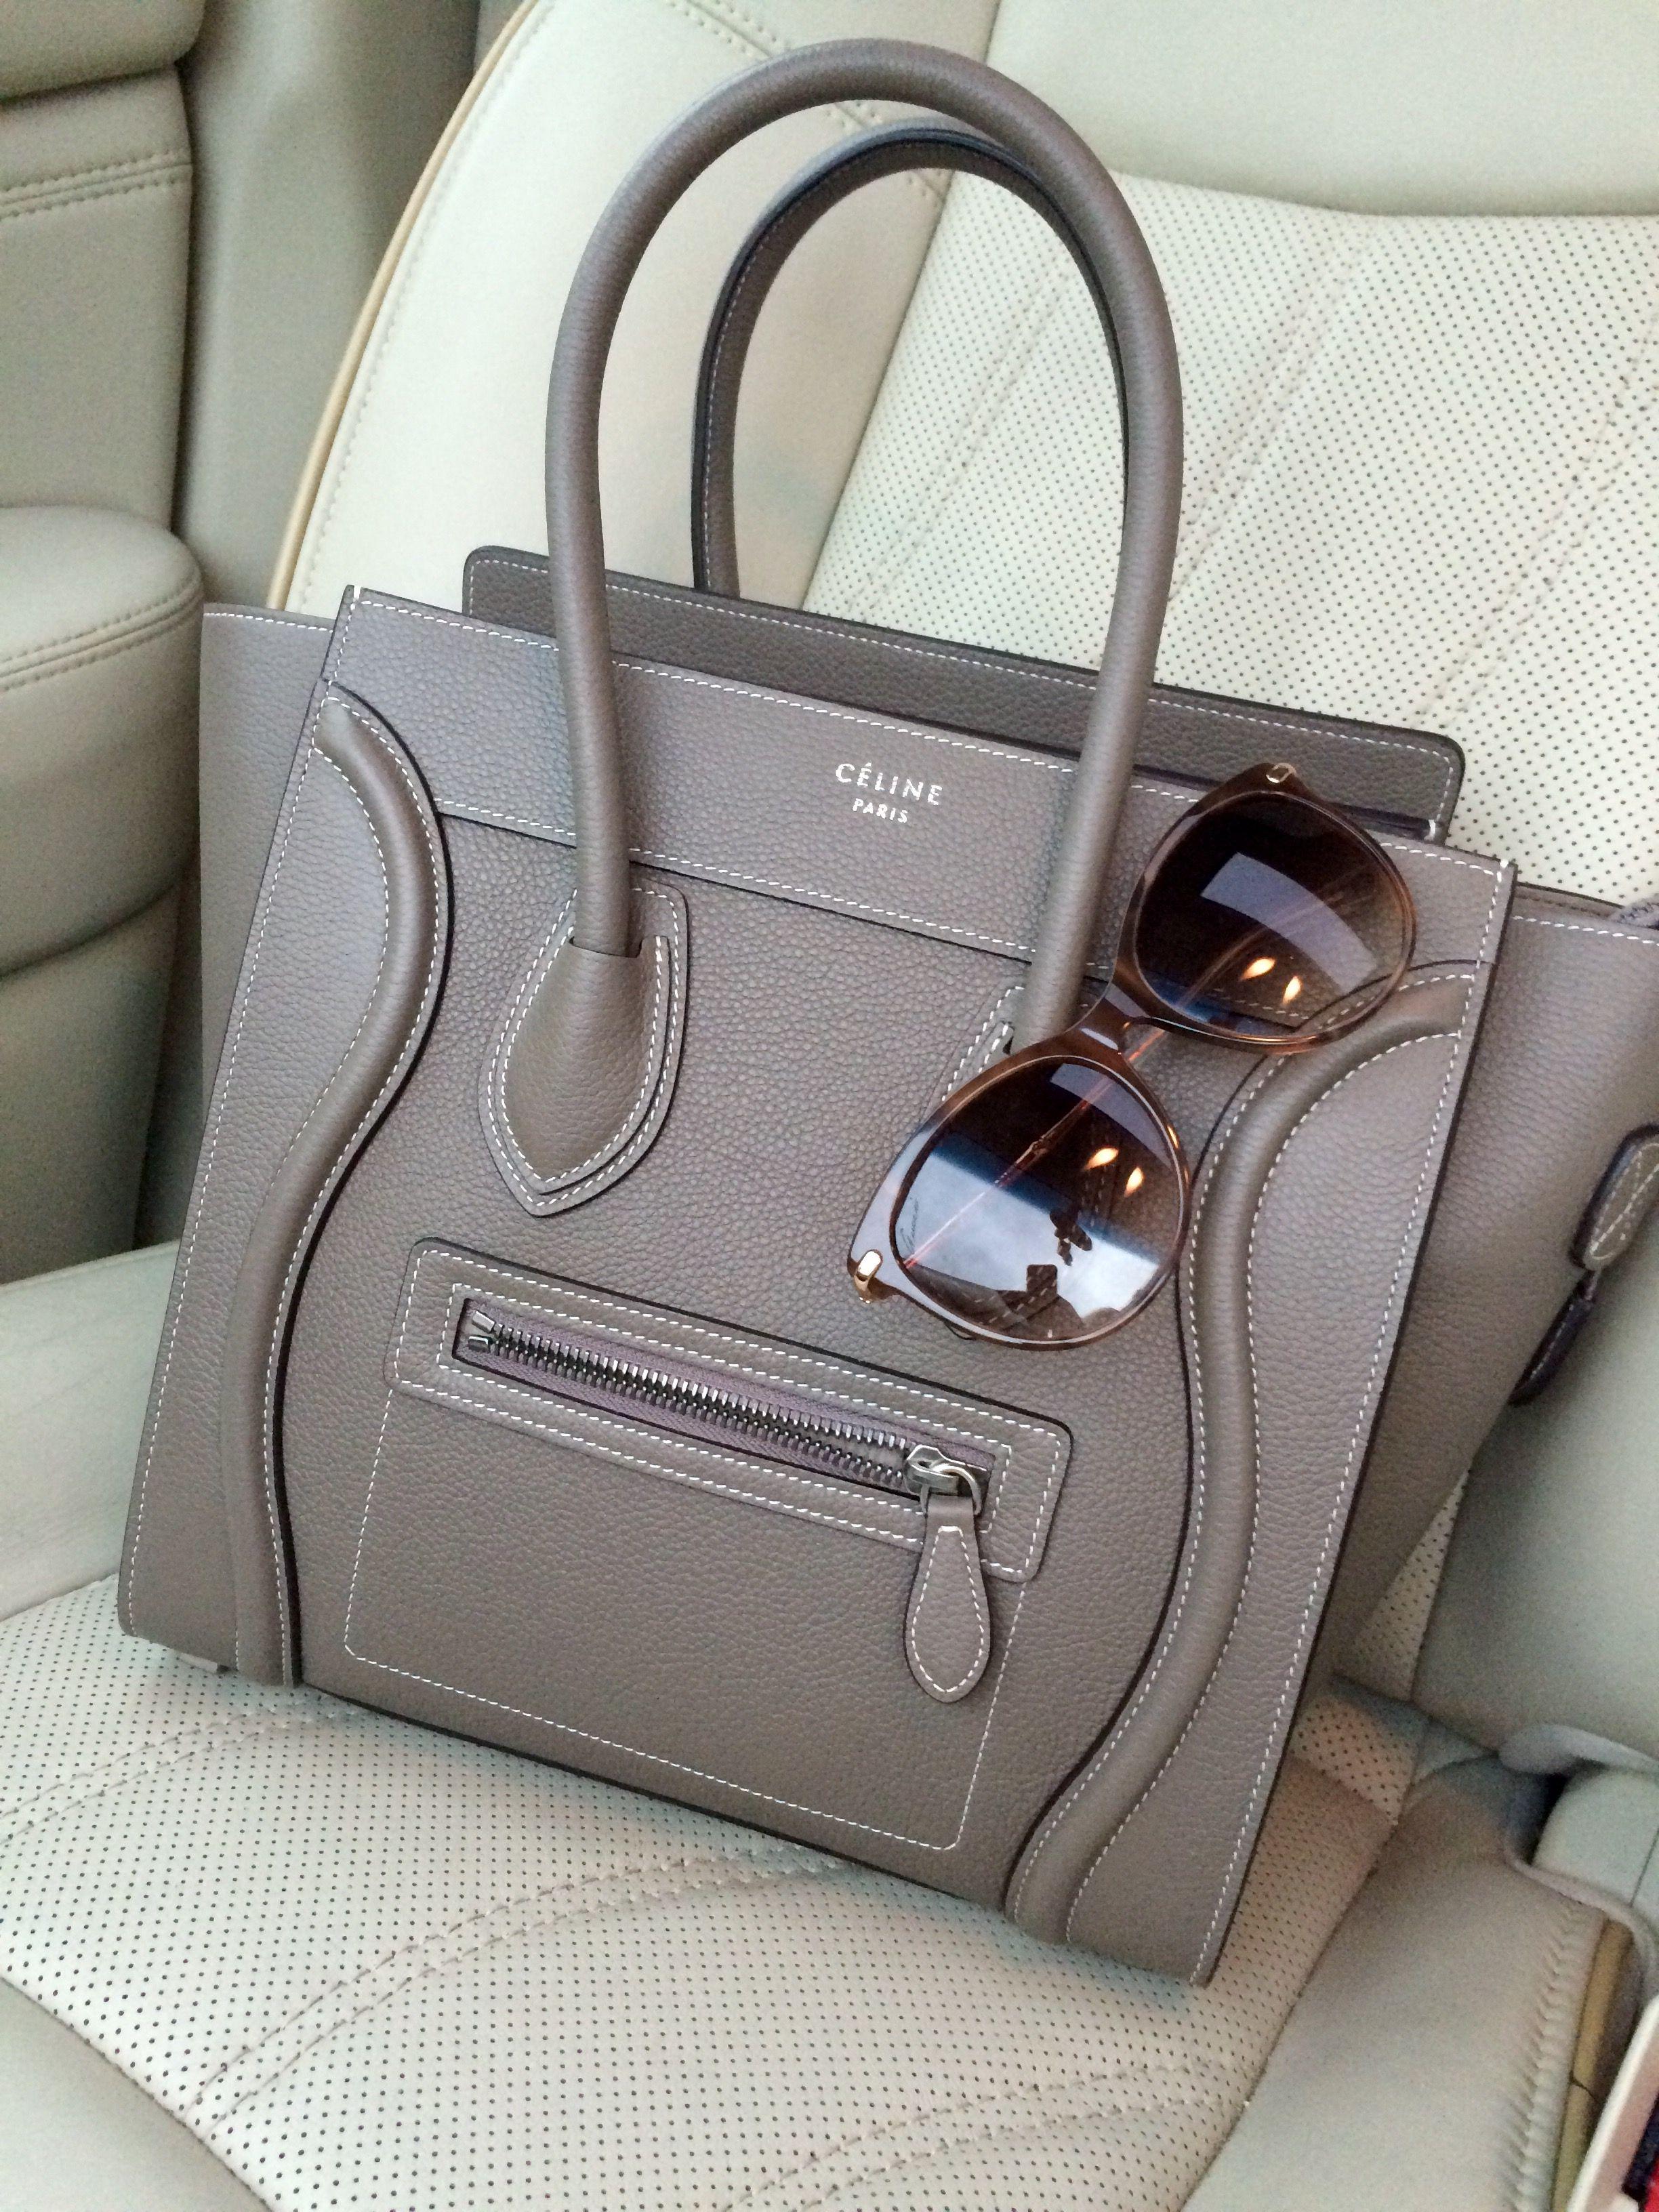 Celine Micro Handbag in Souris  GucciGlasses  3846adce0e0d3